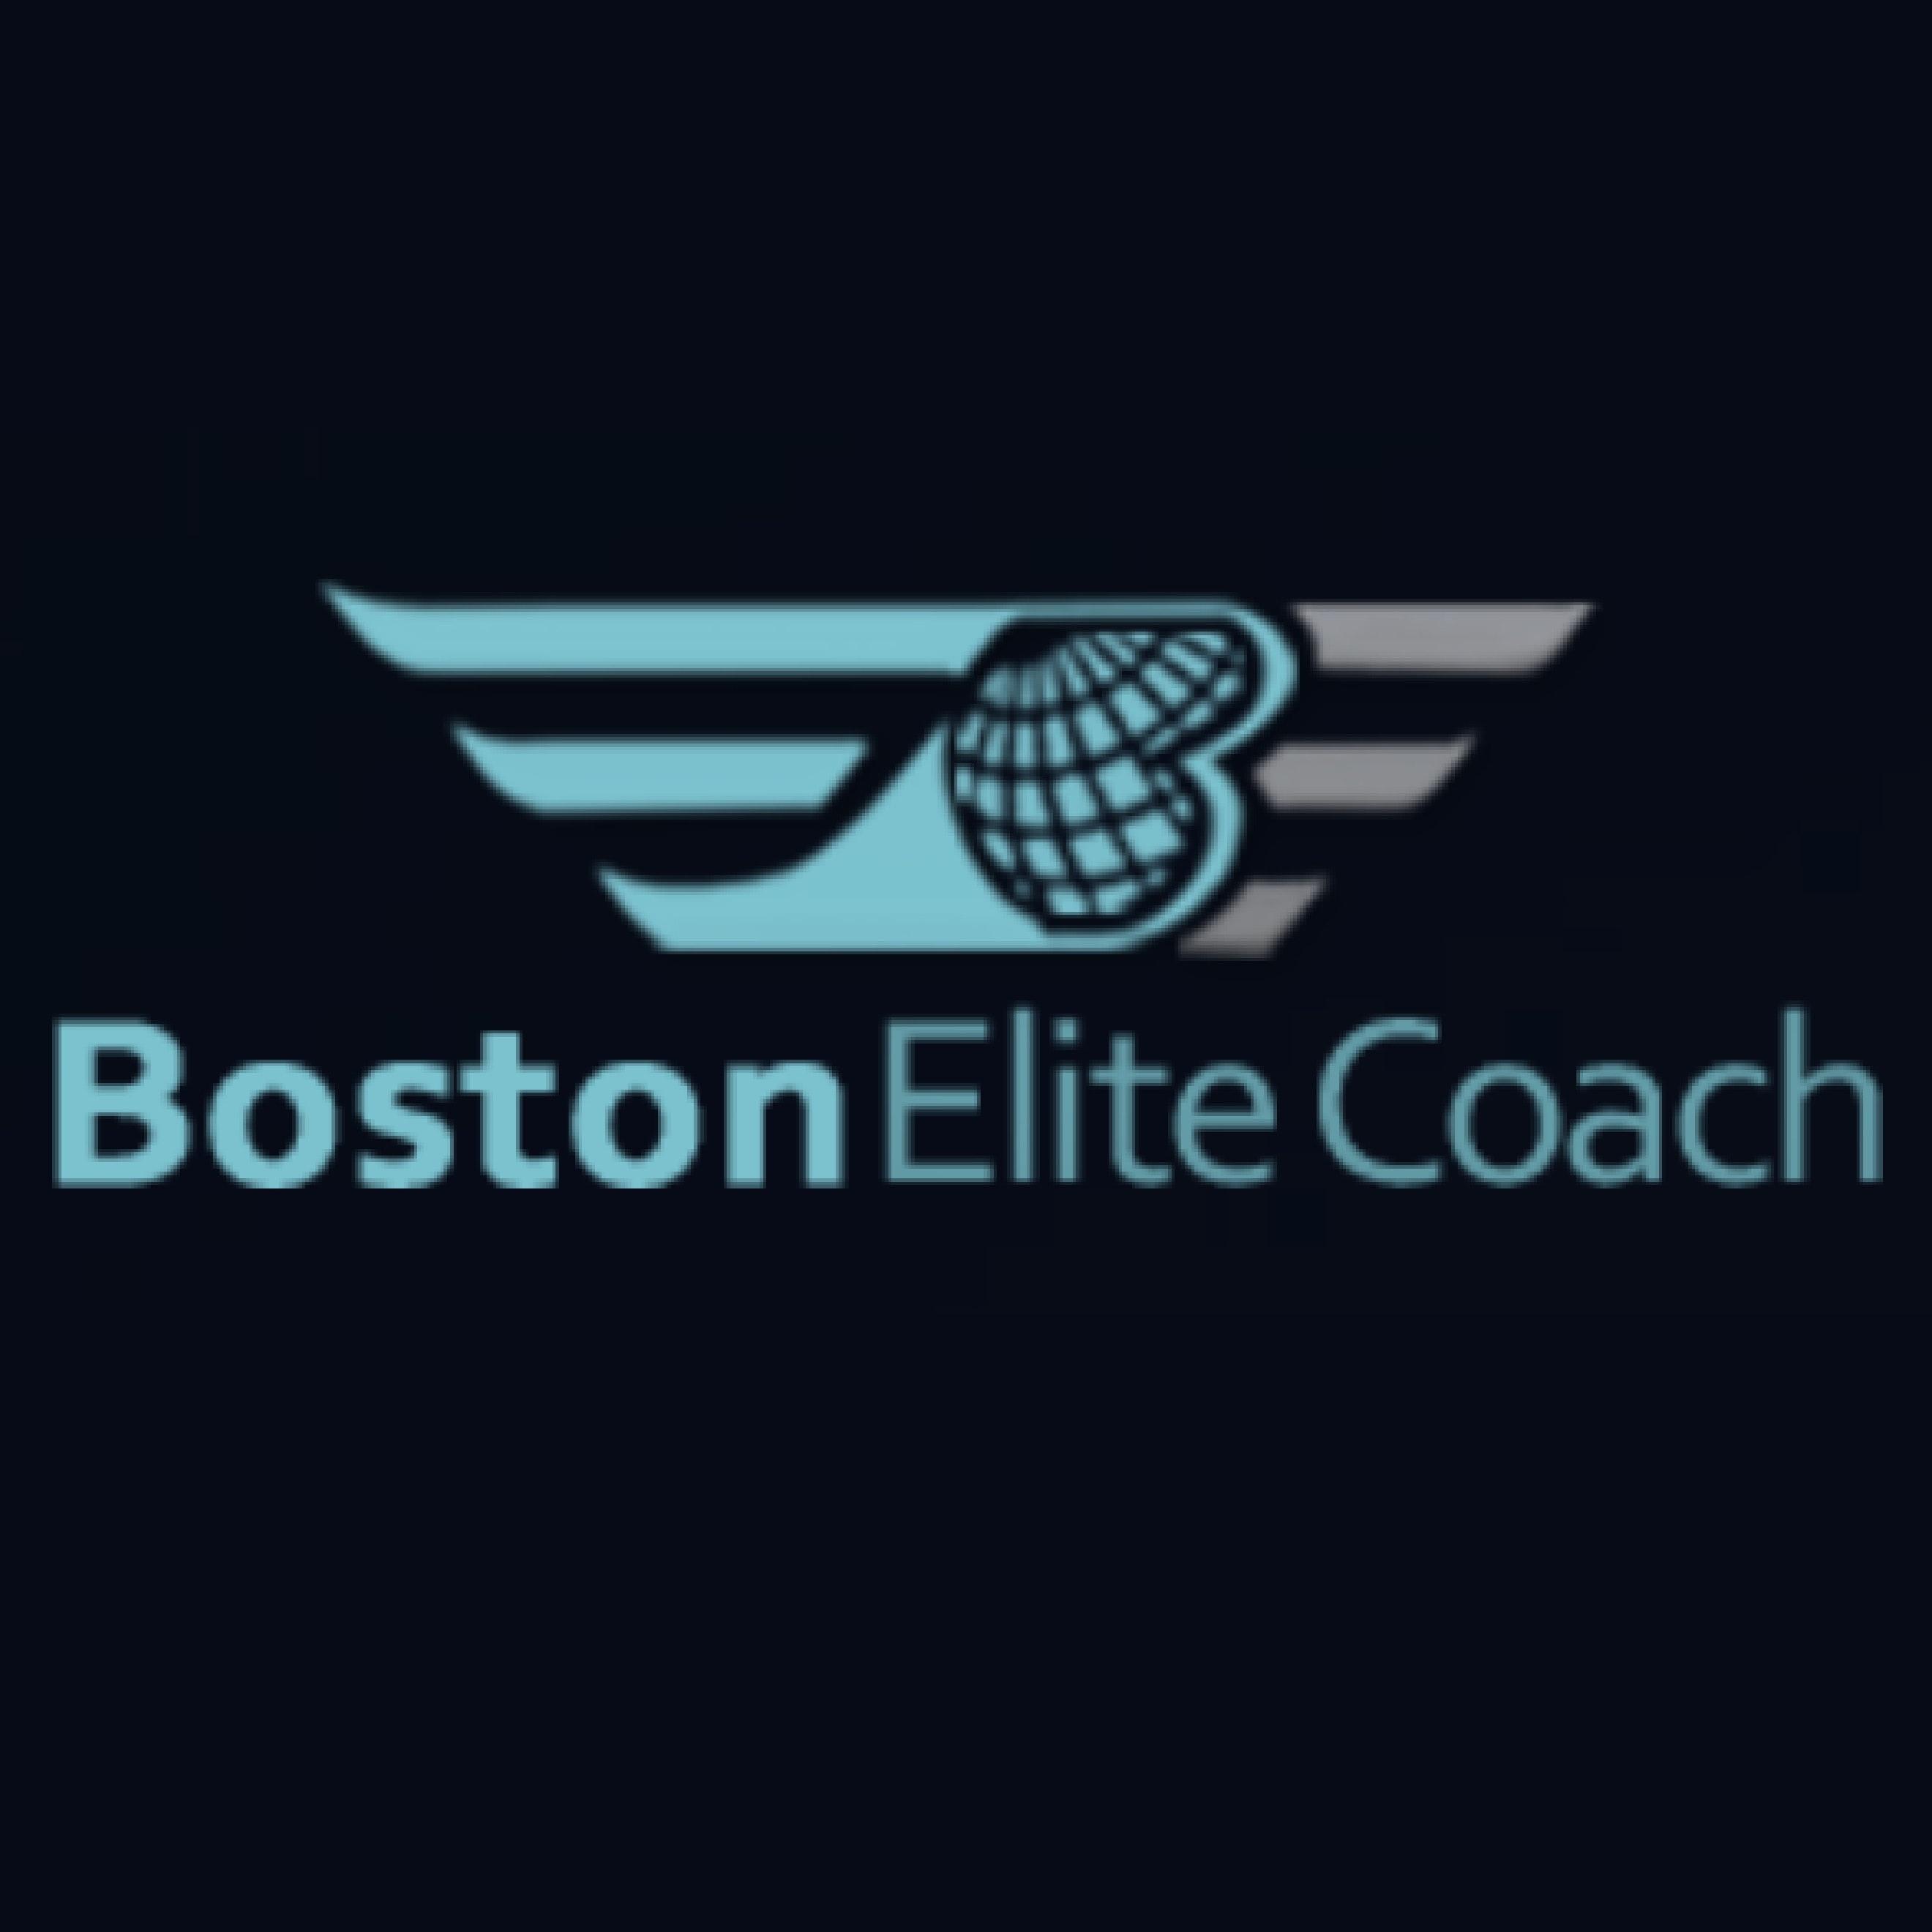 Boston Elite Coach logo